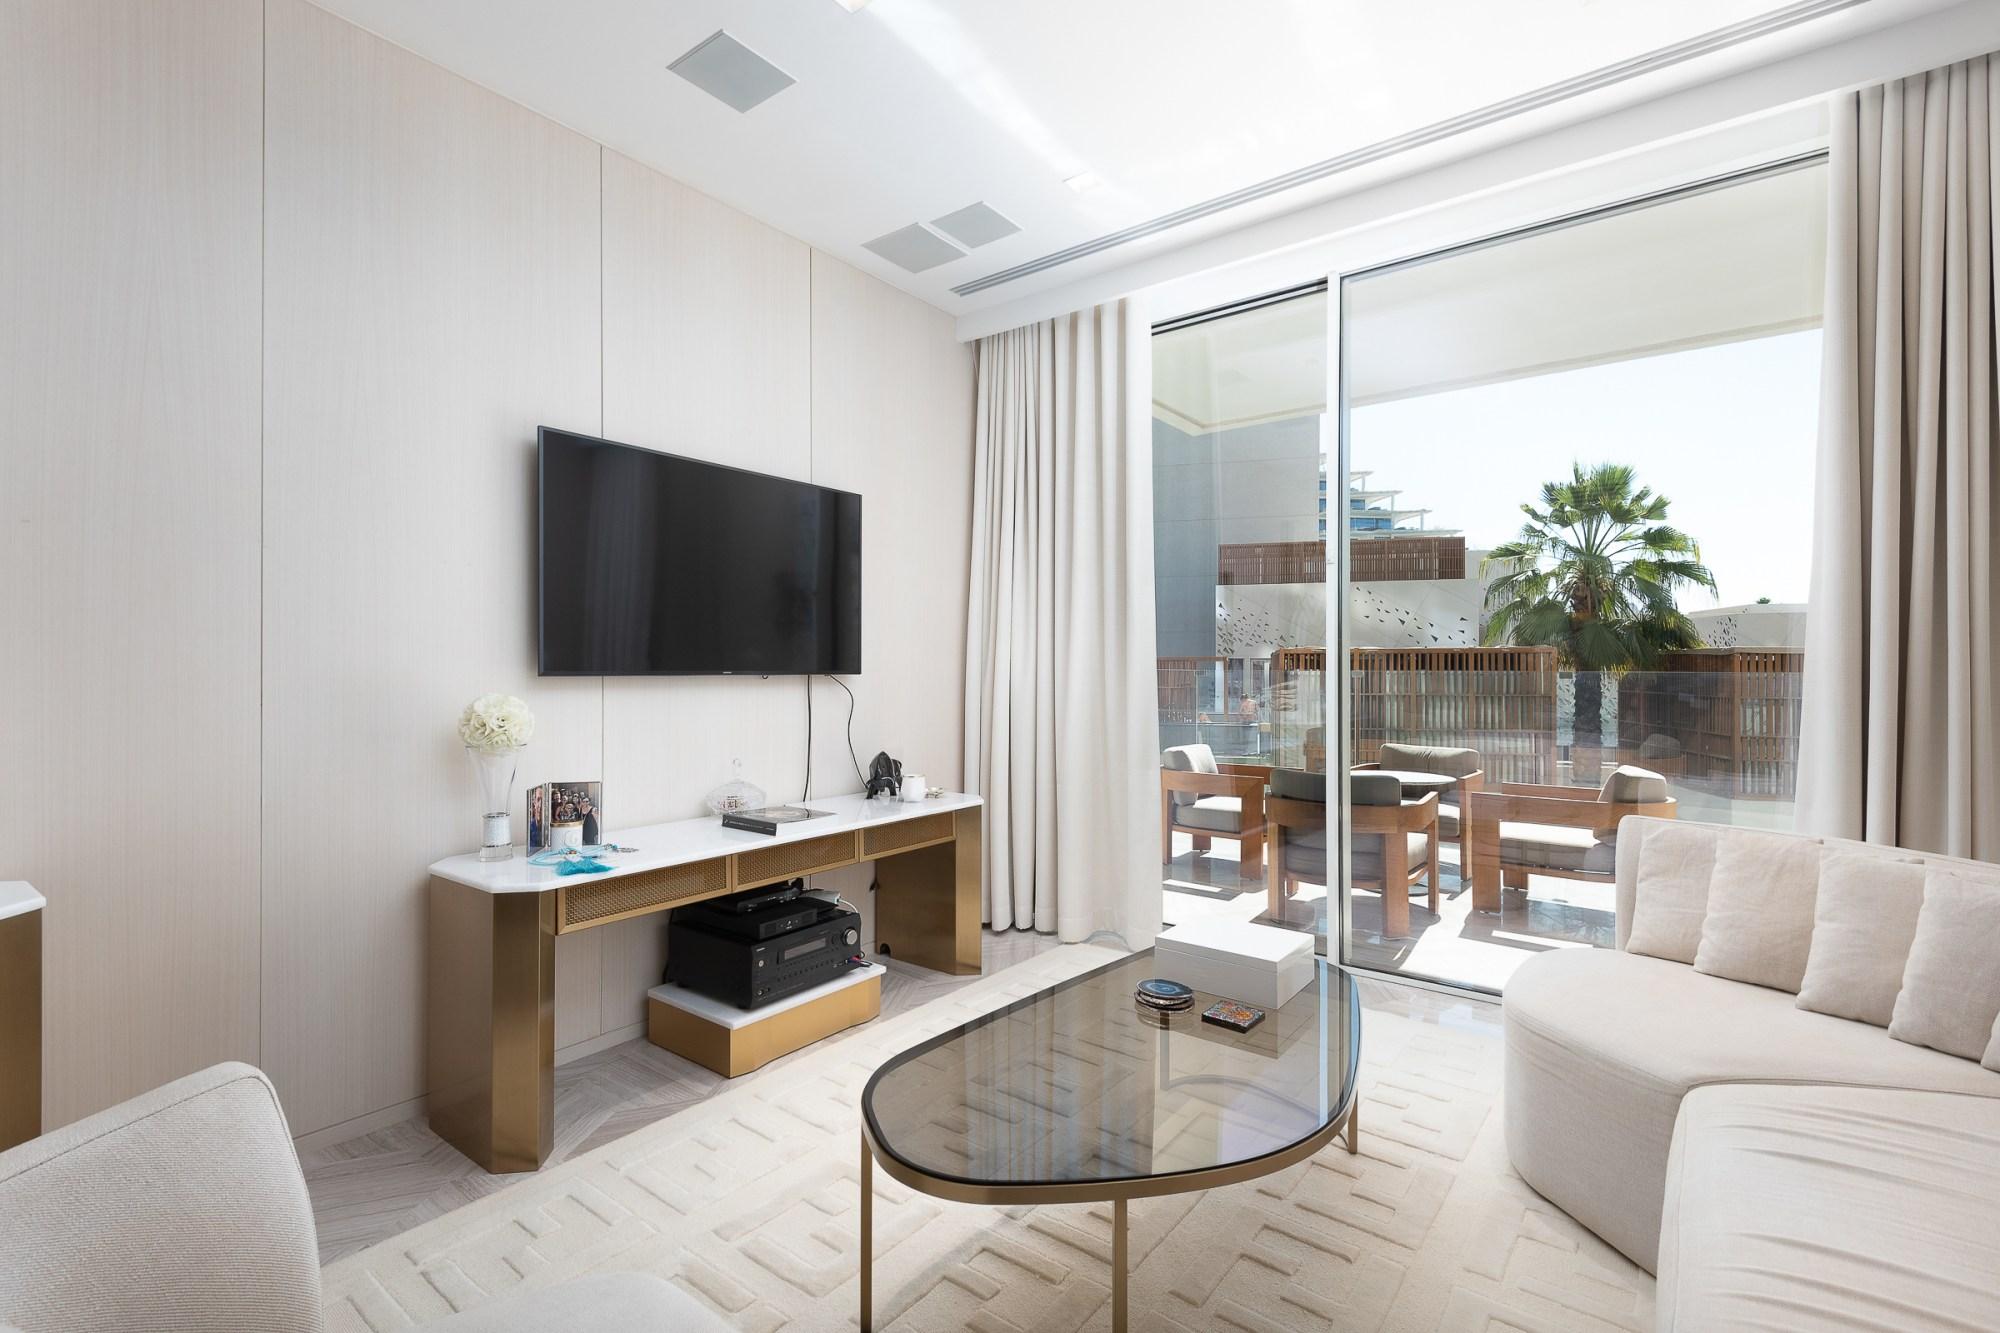 Unique layout | Designer Furniture | Skyline view